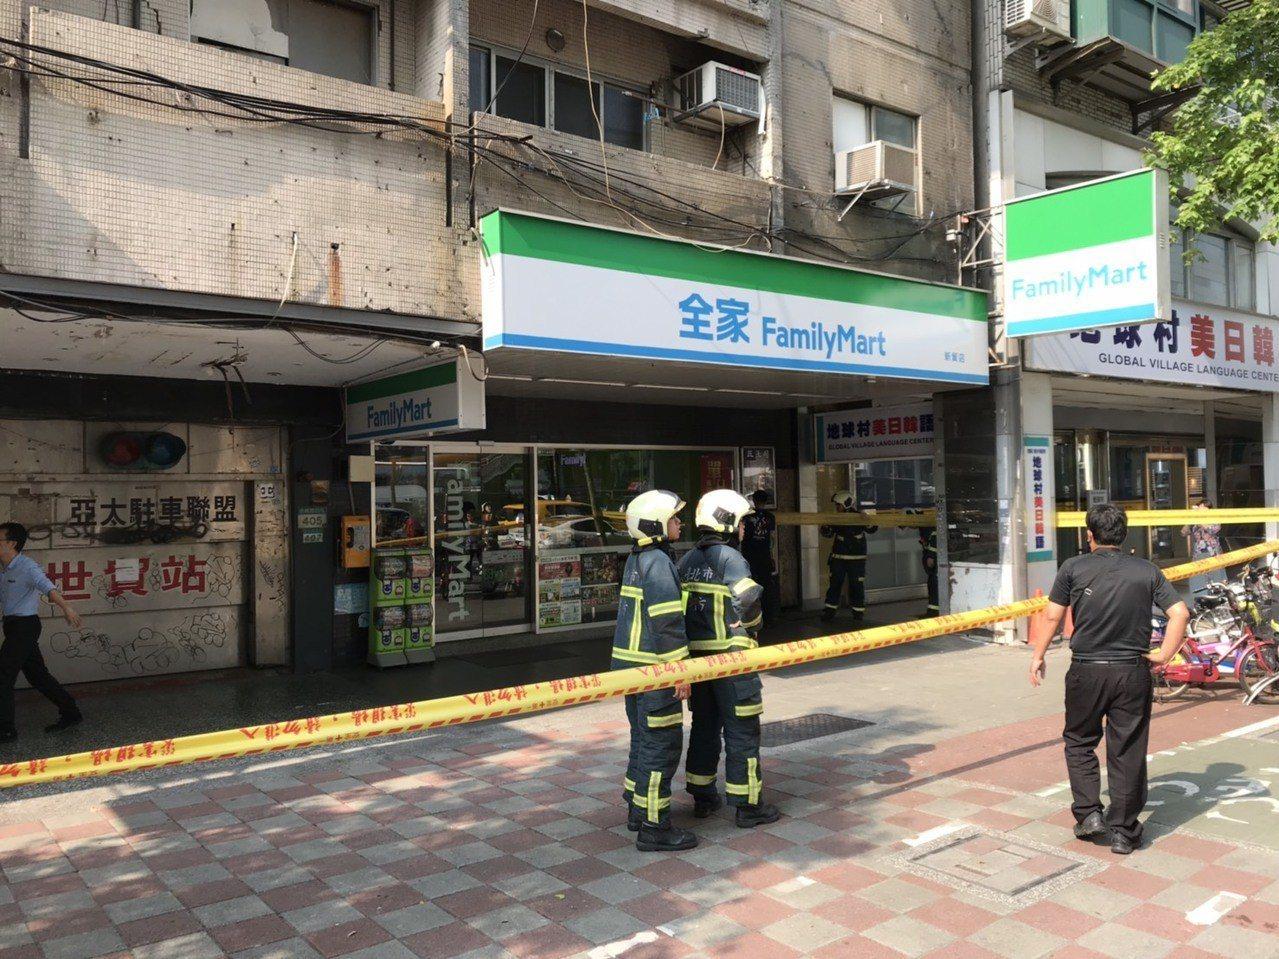 有民眾報案指台北市信義路四段某住商大樓傾斜,消防隊趕到拉封鎖線警戒,正在疏散民眾...